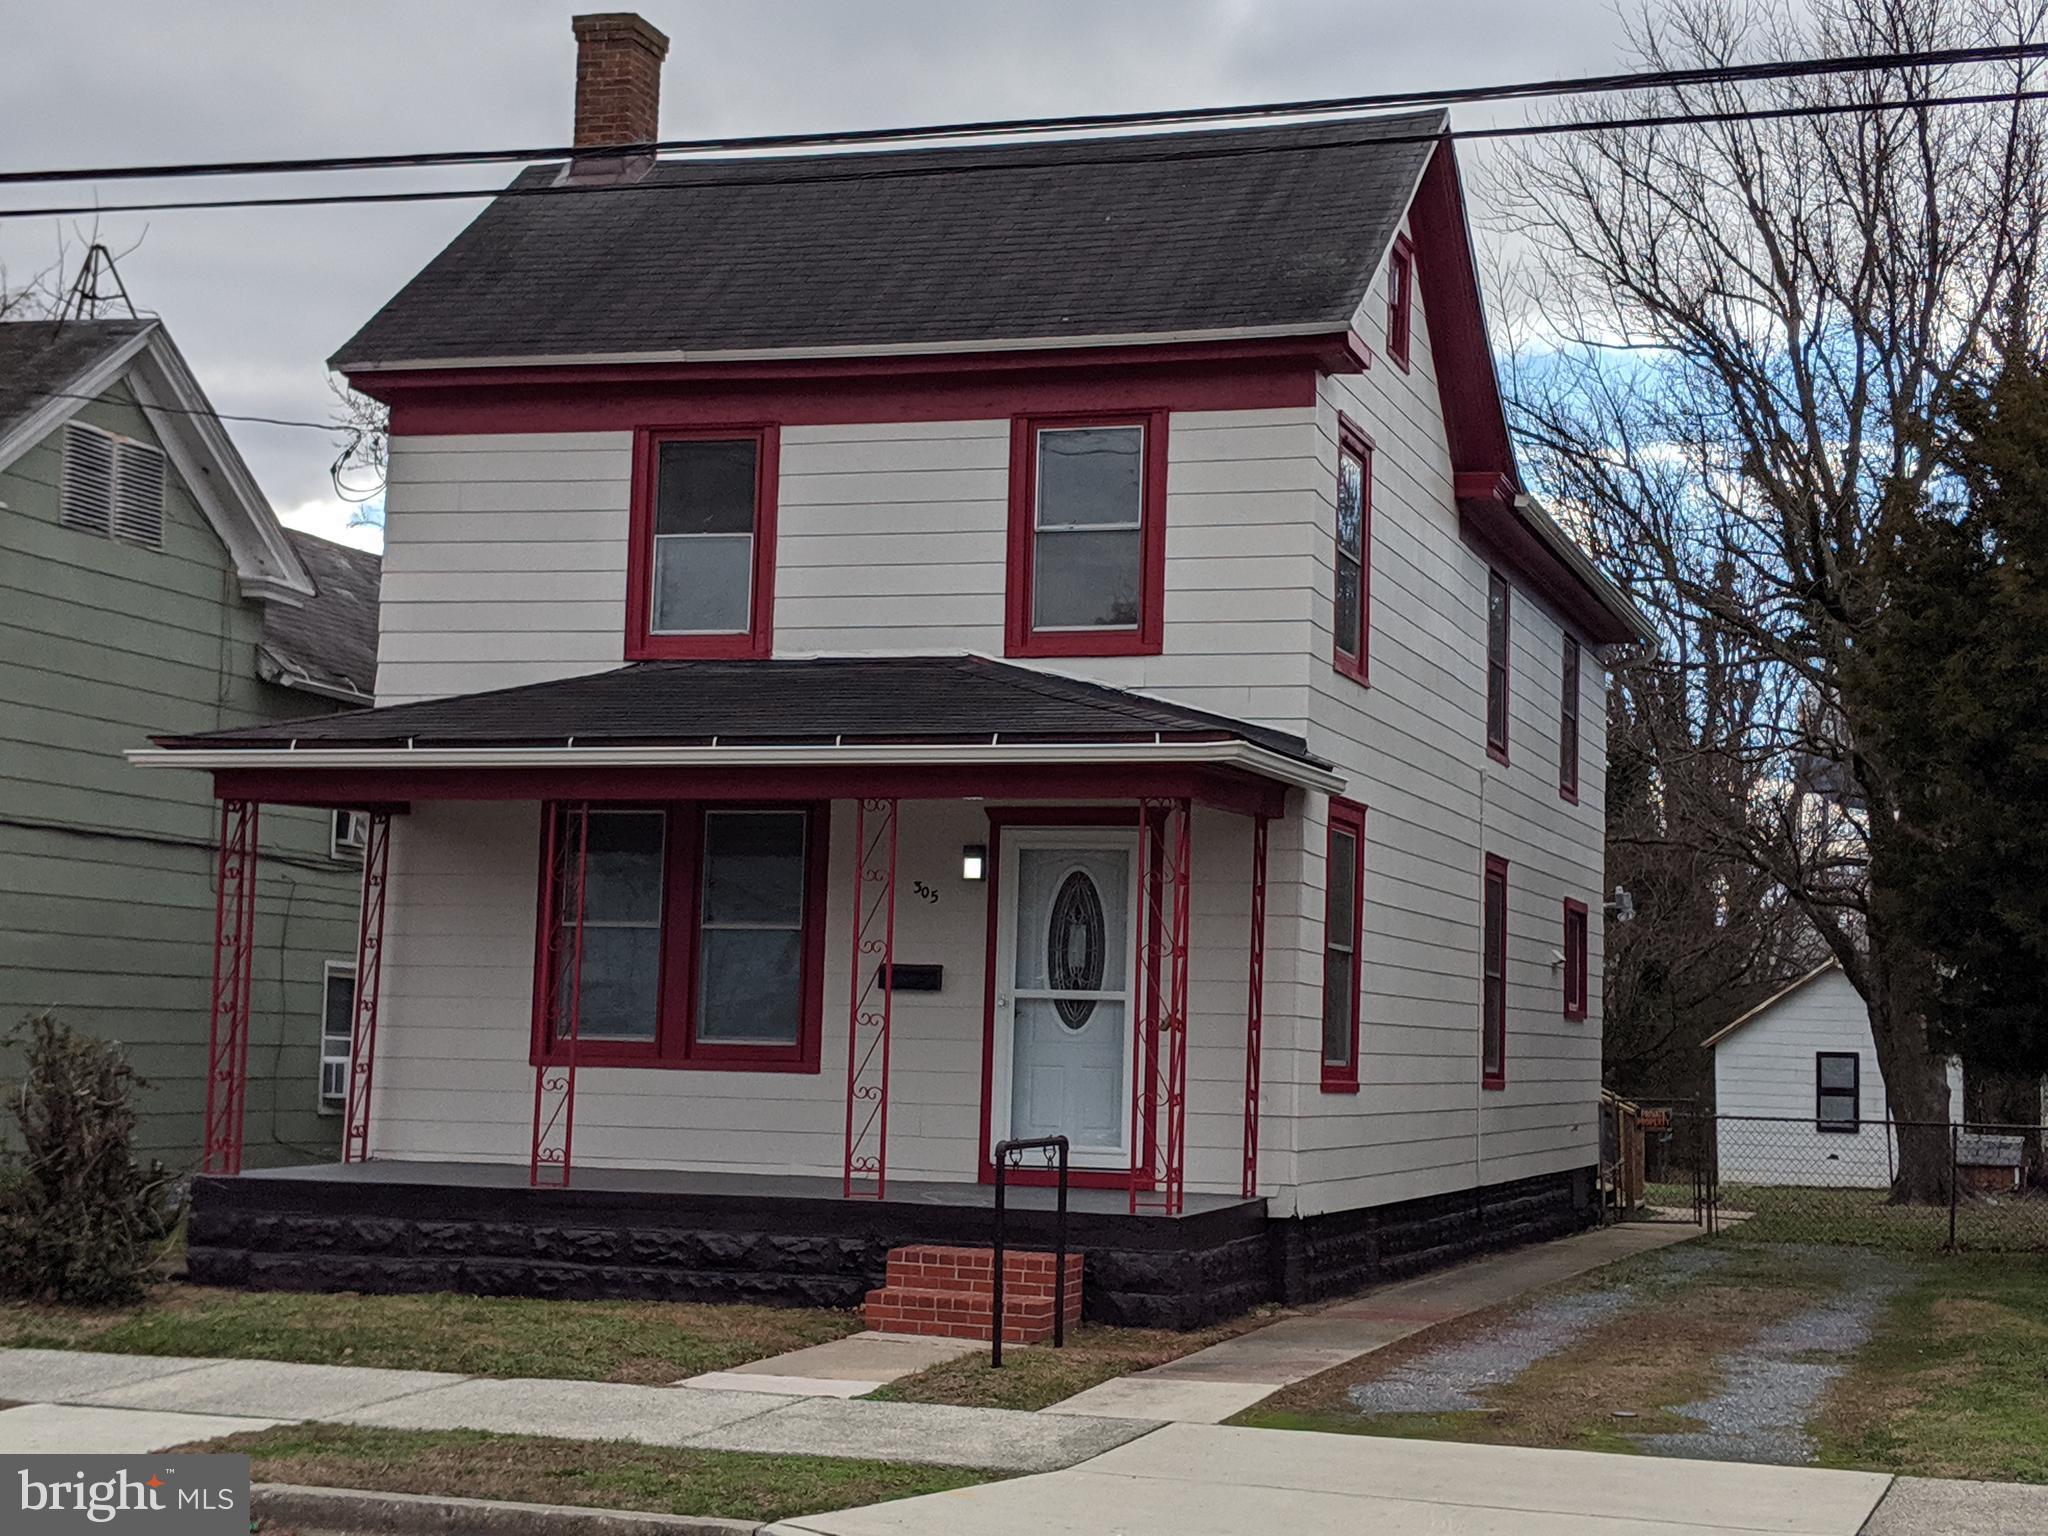 305 Maryland Ave, Cambridge, MD, 21613